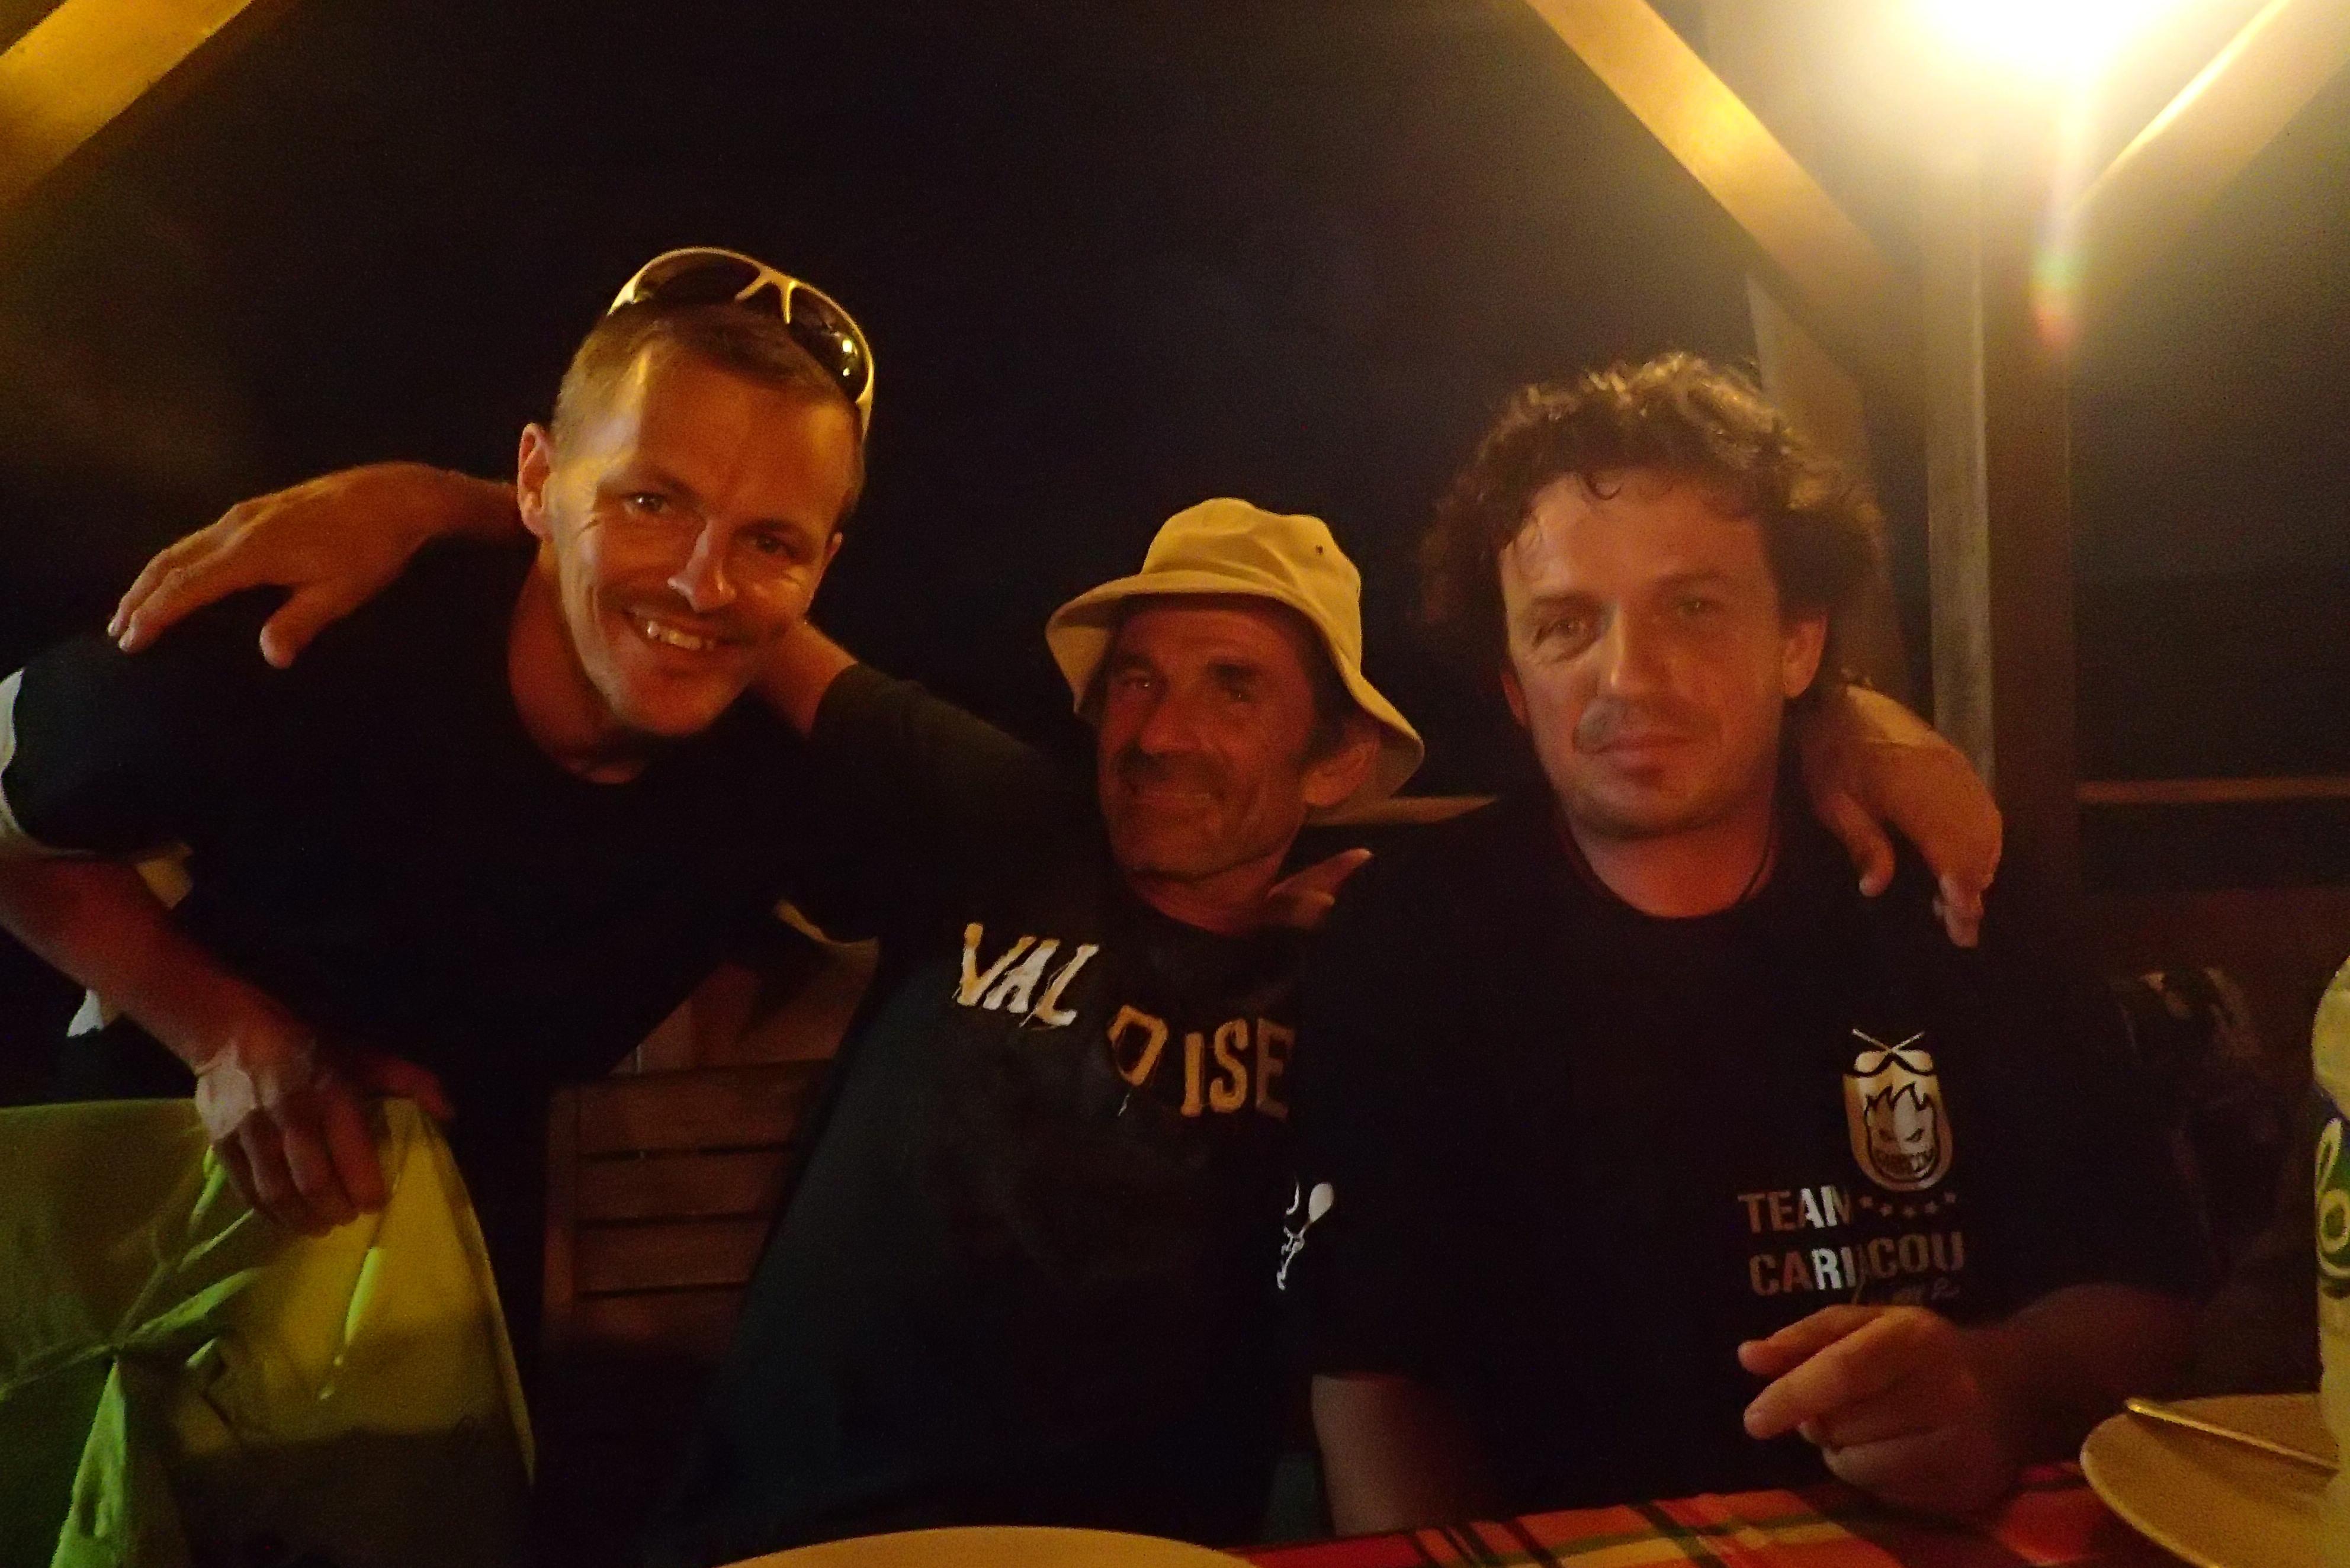 Rémy au centre en compagnie de Mathieu Morverand (à gauche de la photo) et Marc Chailan (à droite de la photo)